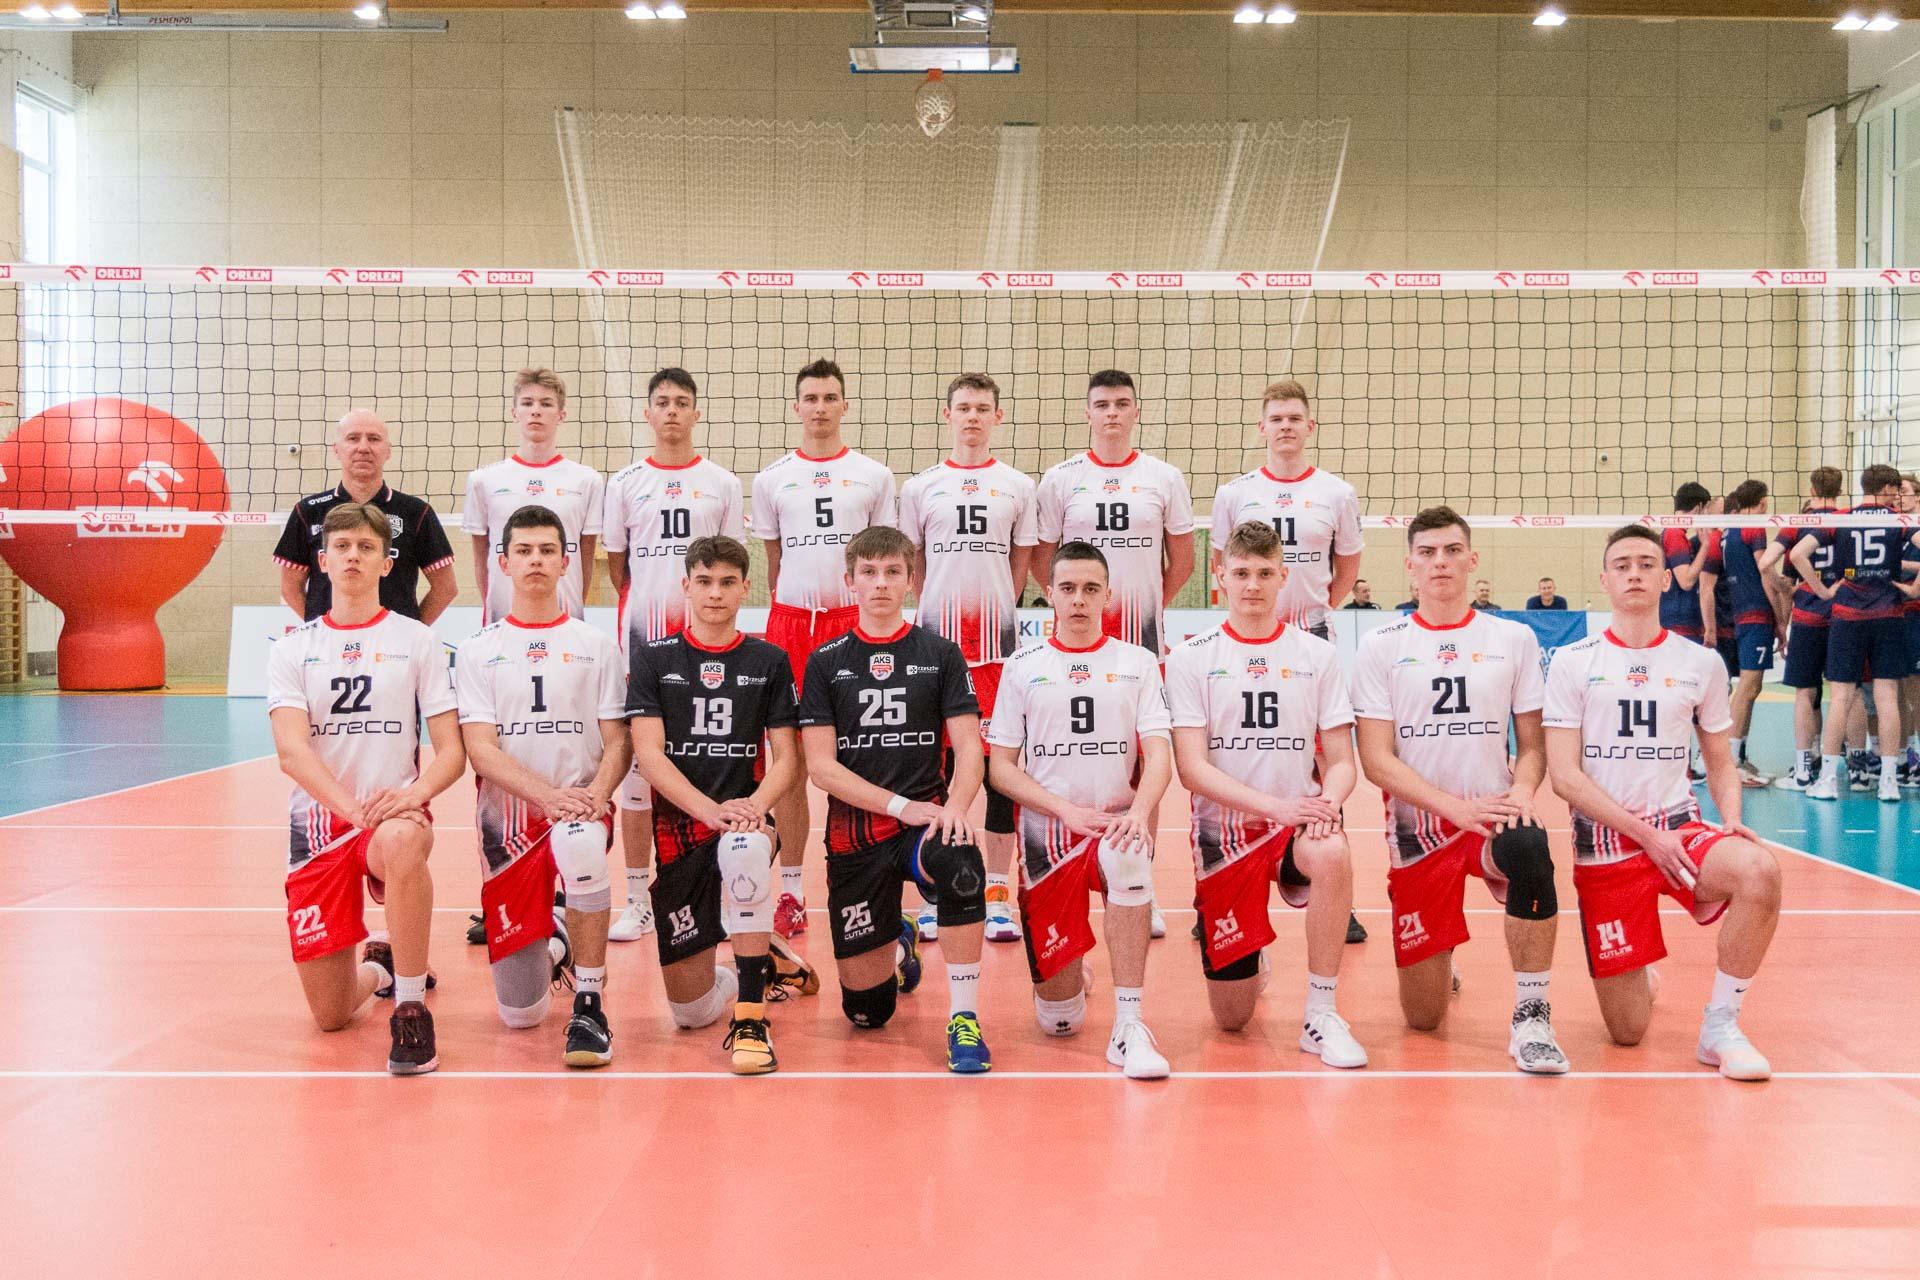 AKS V LO Rzeszów (MMP Finał Juniorów Młodszych Grupa A sezon 2020/2021)